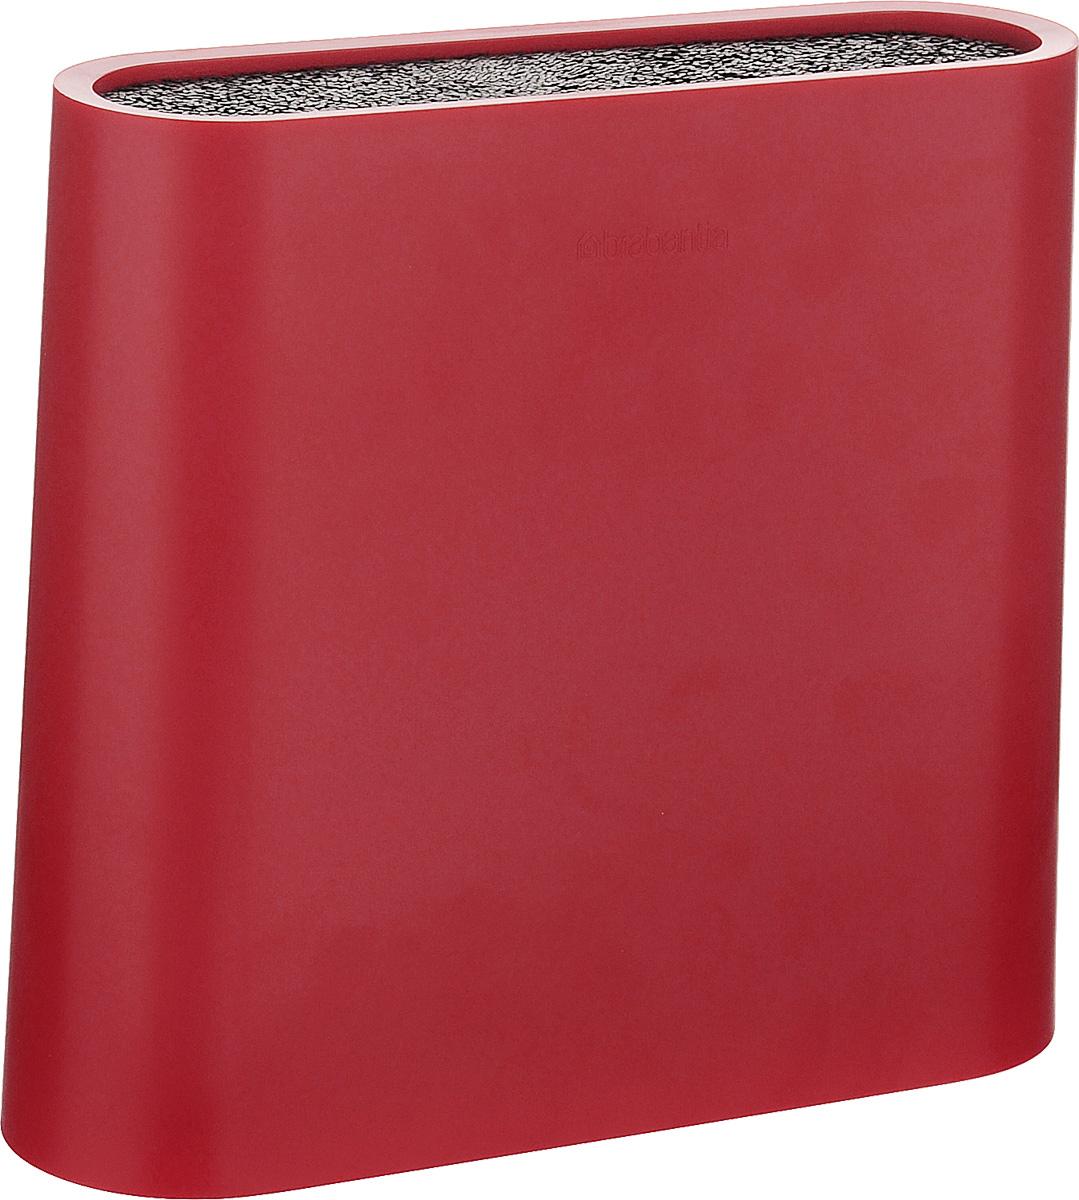 Подставка для ножей Brabantia, высота 21 см108129Подставка Brabantia - идеальное решение для безопасного и компактного хранения ножей. Корпус изделия выполнен из высококачественного пластика и снабжен вынимаемыми стержнями из пищевого полипропилена, благодаря которым ножи можно размещать в любом месте подставки. Изделие подходит для металлических и керамических ножей. Вы также можете комбинировать ножи из разных наборов. Не использовать в посудомоечной машине. Не использовать абразивные моющие средства. Размер подставки: 23 х 6,2 х 21 см. Длина стержней: 20,5 см.